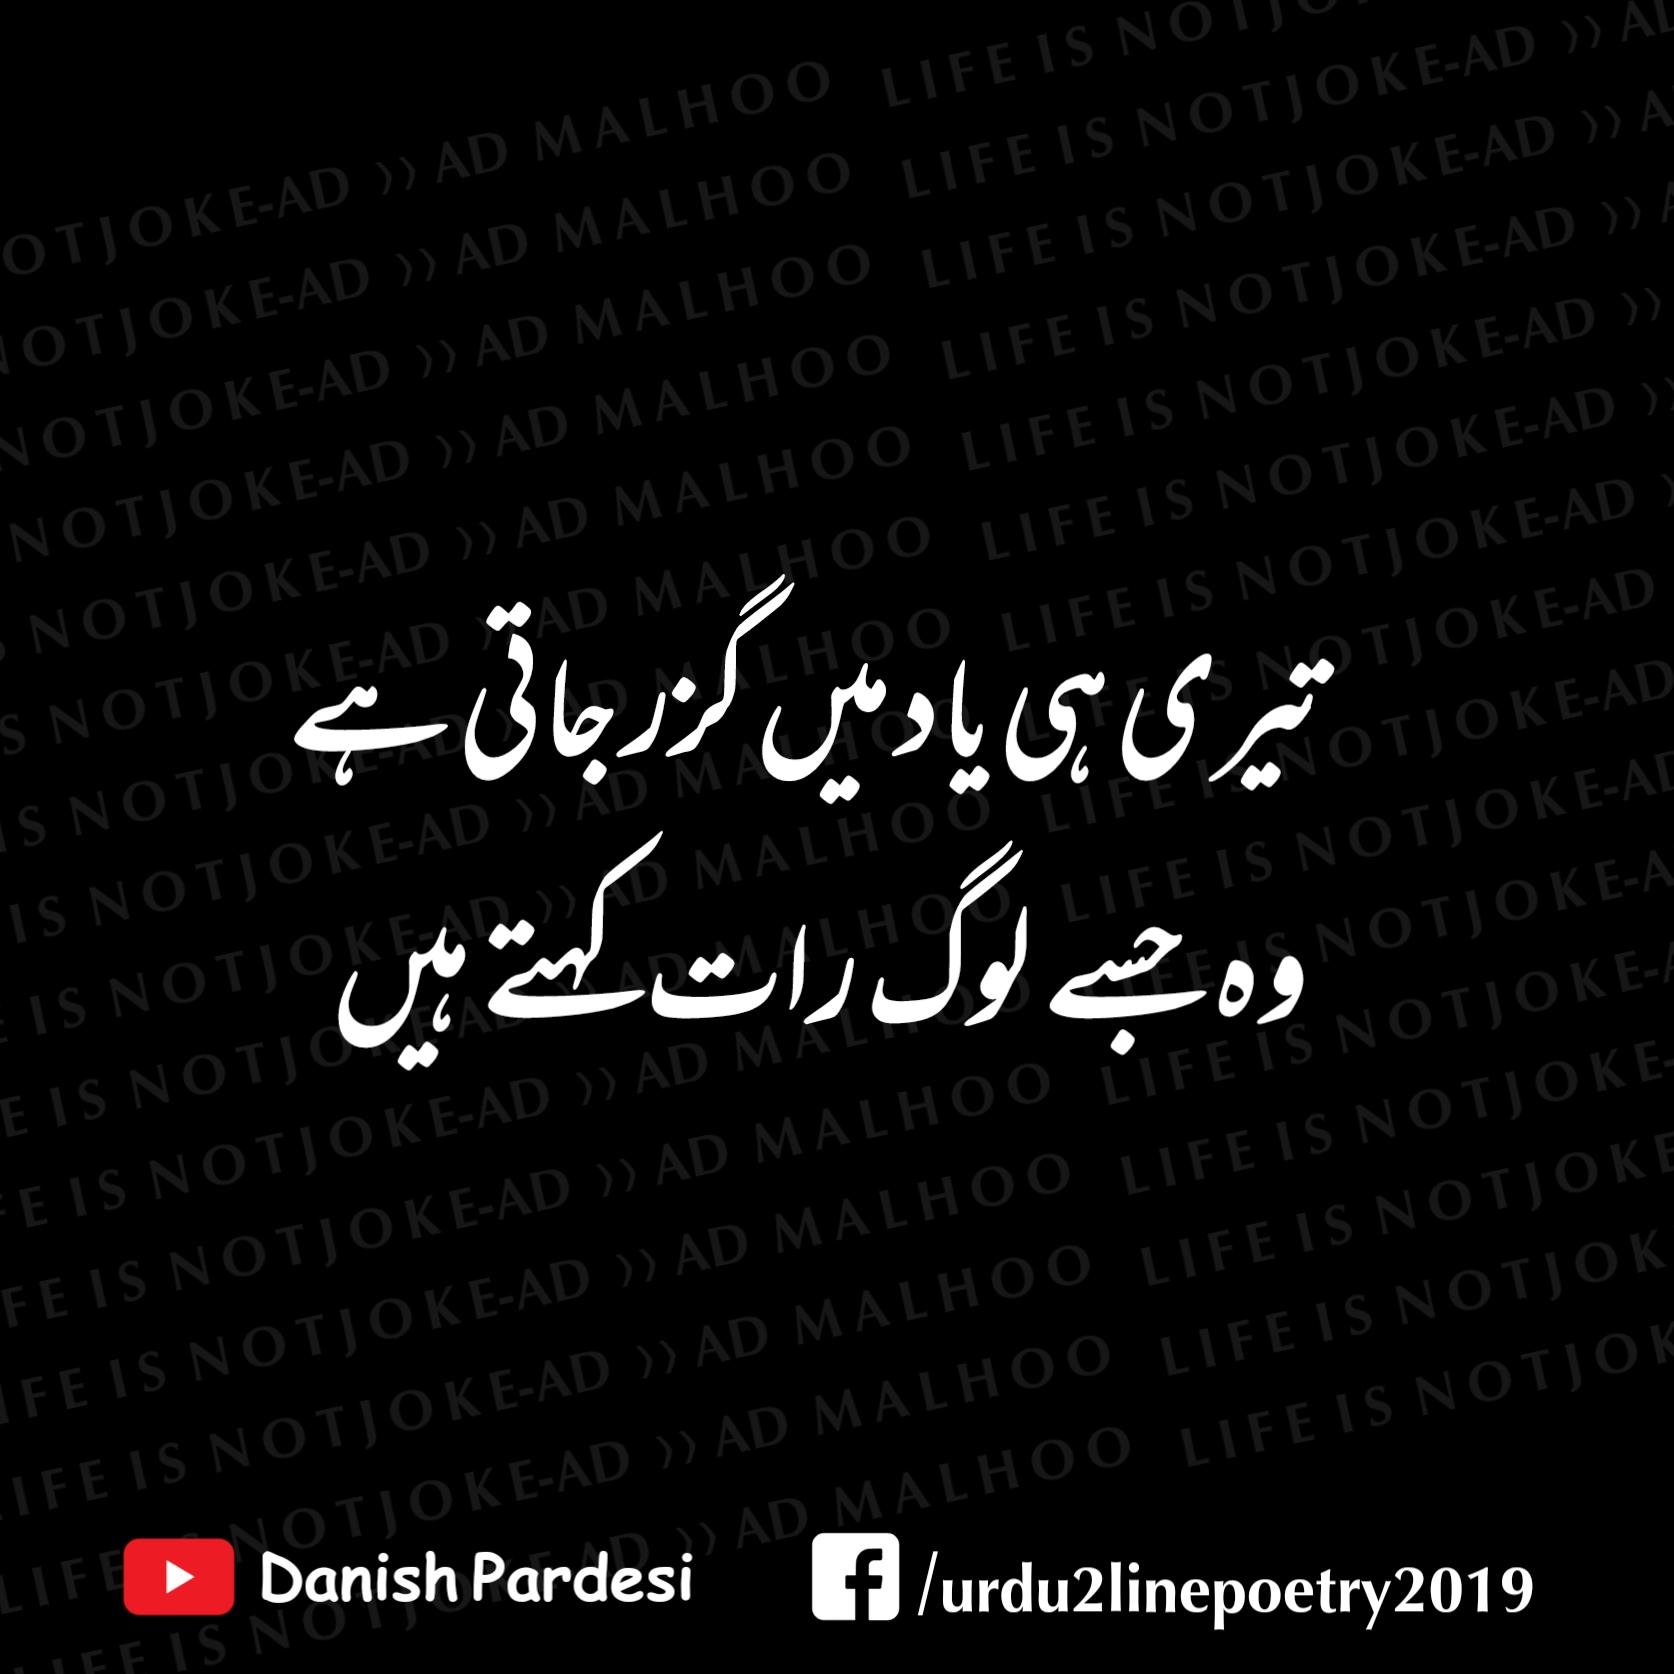 Tere He Yaad Mein Guzar Jati Hai Woh Jissy Log Raat Kehty Hain Udaaspoetry Alonepoetry Urdulovepoetry Urdupainfu Love Poetry Urdu Deep Words Urdu Poetry